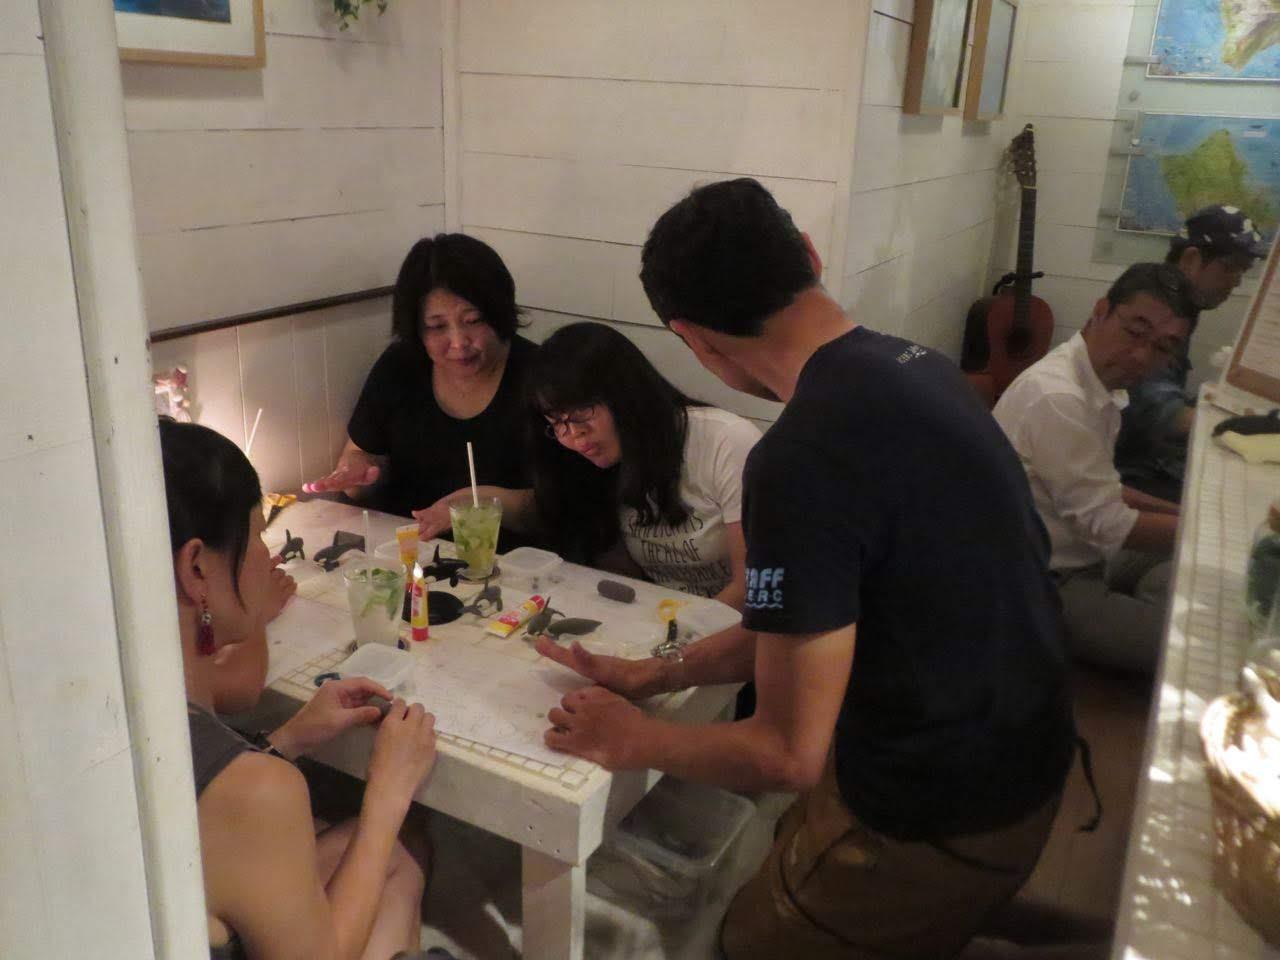 【レポート】〜大人のイルクジ時間〜ねんどでオルカをつくろう! Irukuji CAFE Jun